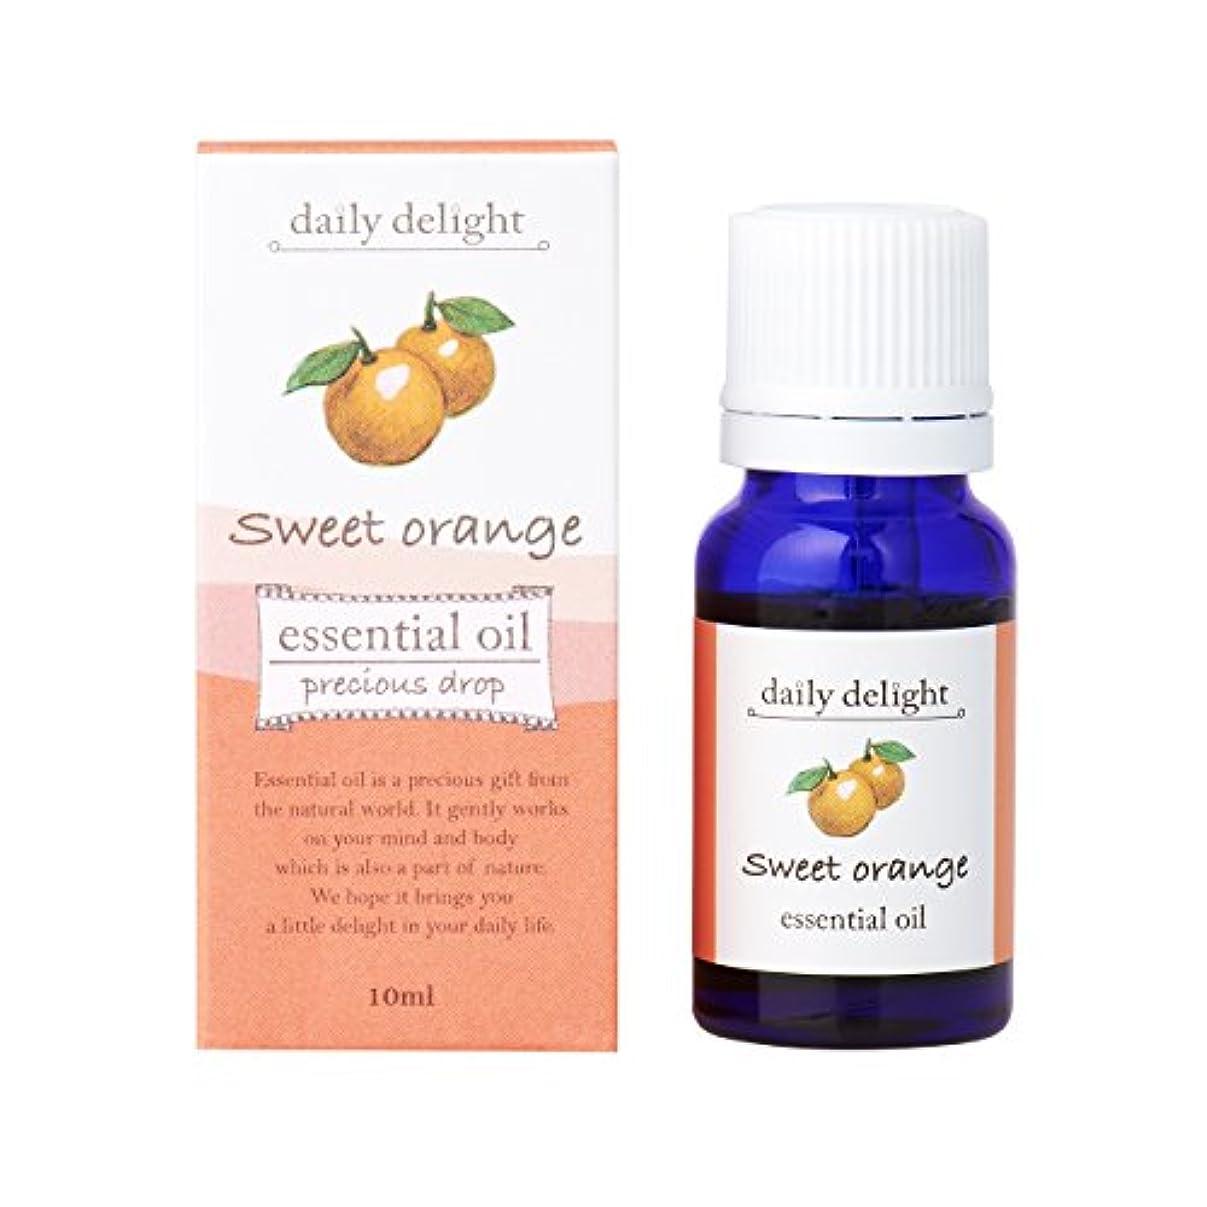 吸い込む地中海すぐにデイリーディライト エッセンシャルオイル  スイートオレンジ 10ml(天然100% 精油 アロマ 柑橘系 フルーティで甘く爽やかな香り)